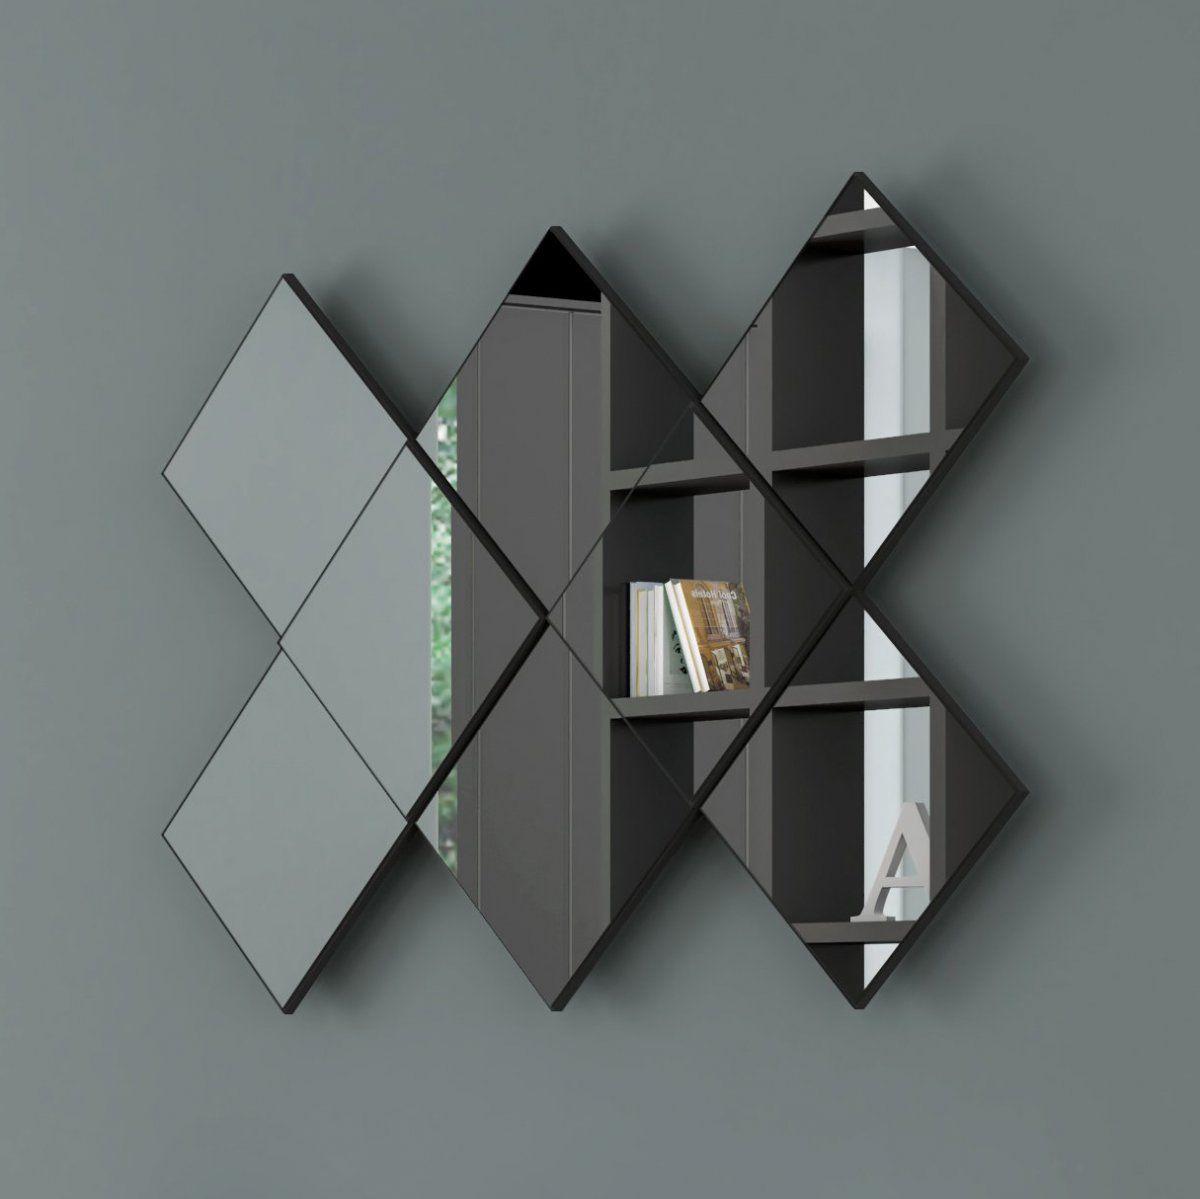 Painel decorativo espelhado losango - Dalla Costa